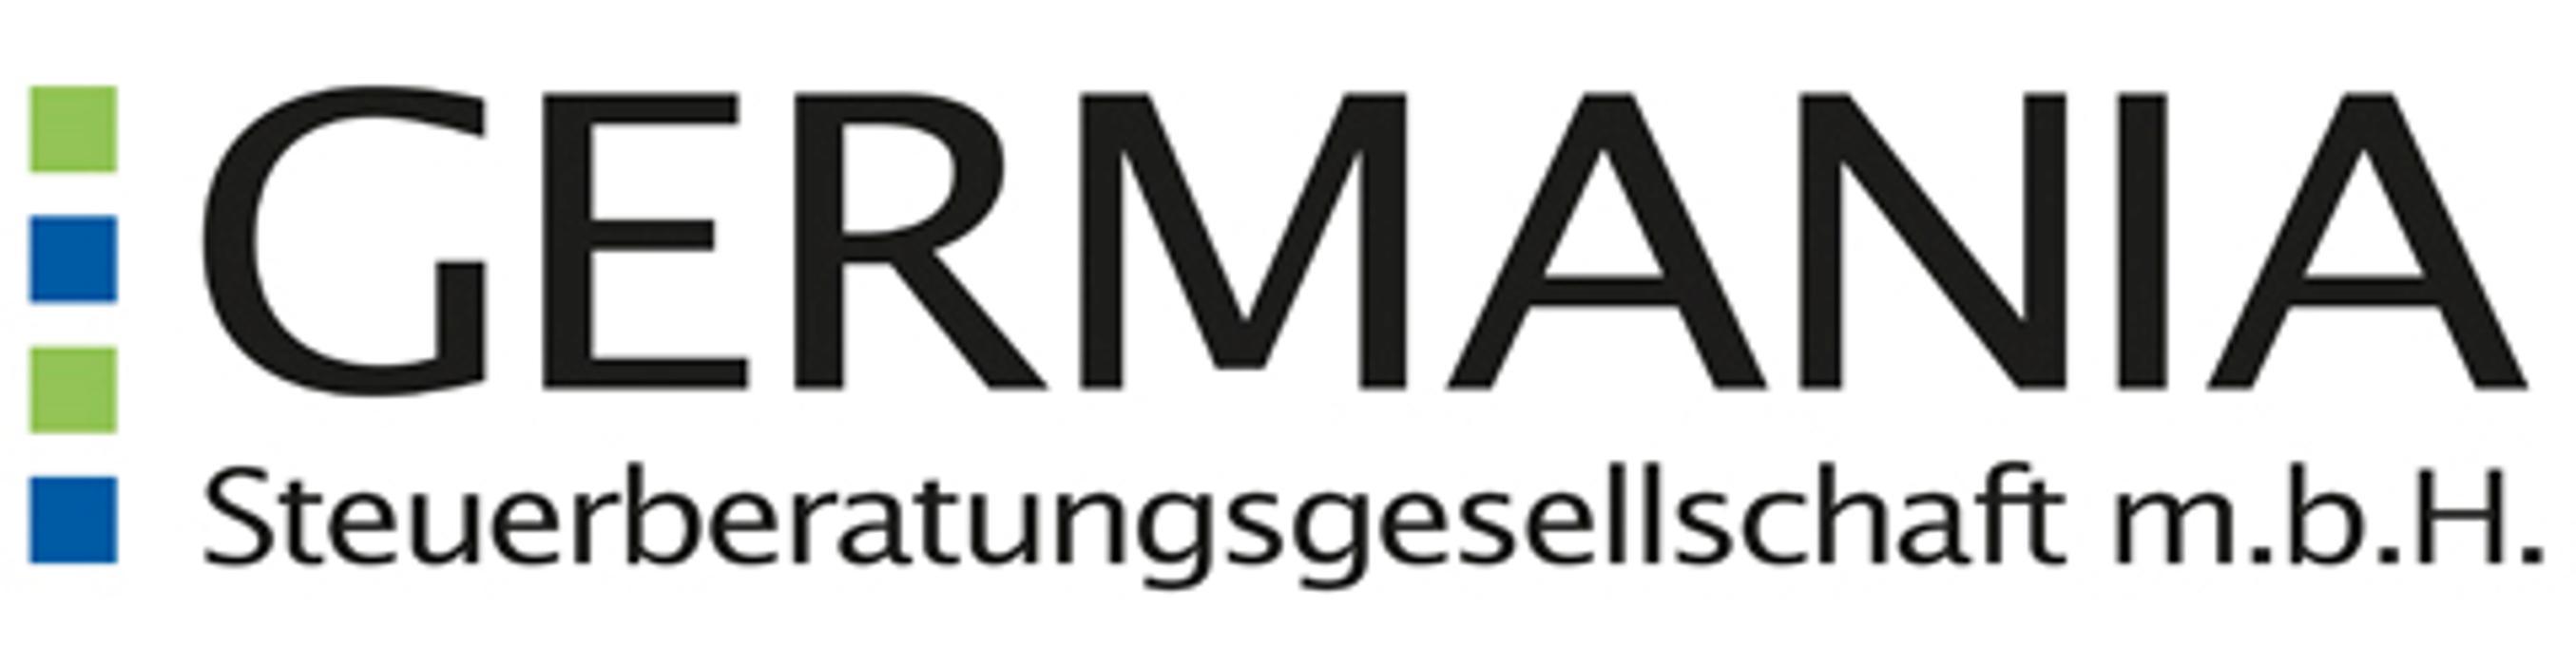 Bild zu Germania Steuerberatungsgesellschaft mbH in Augsburg